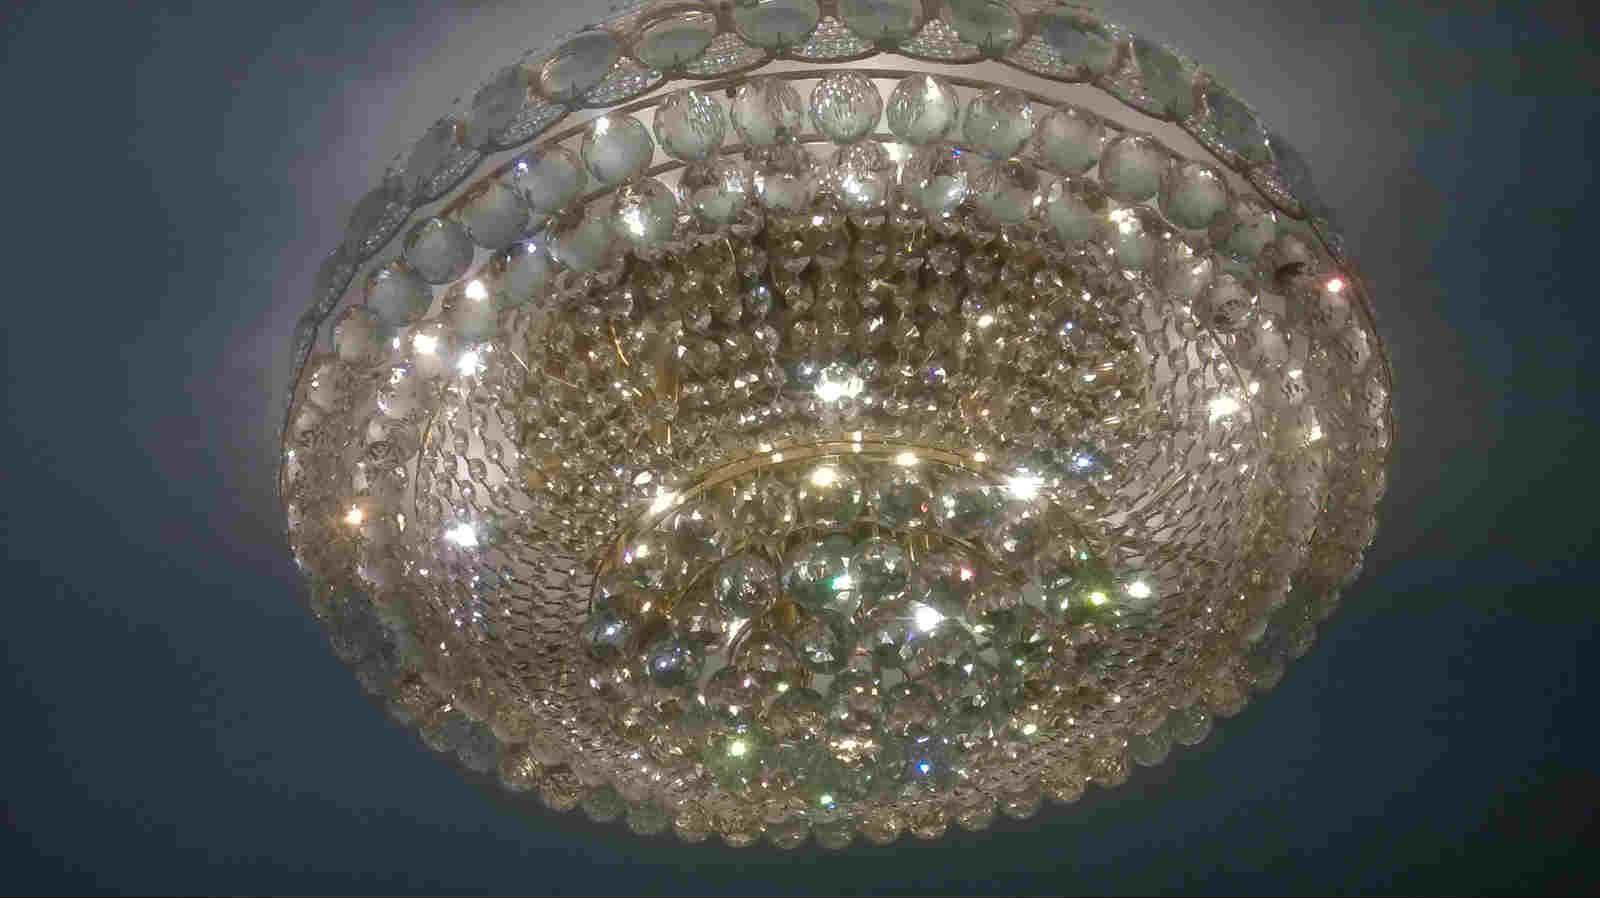 河东区十一经路/六纬路安装欧式吊灯吸顶灯水晶灯